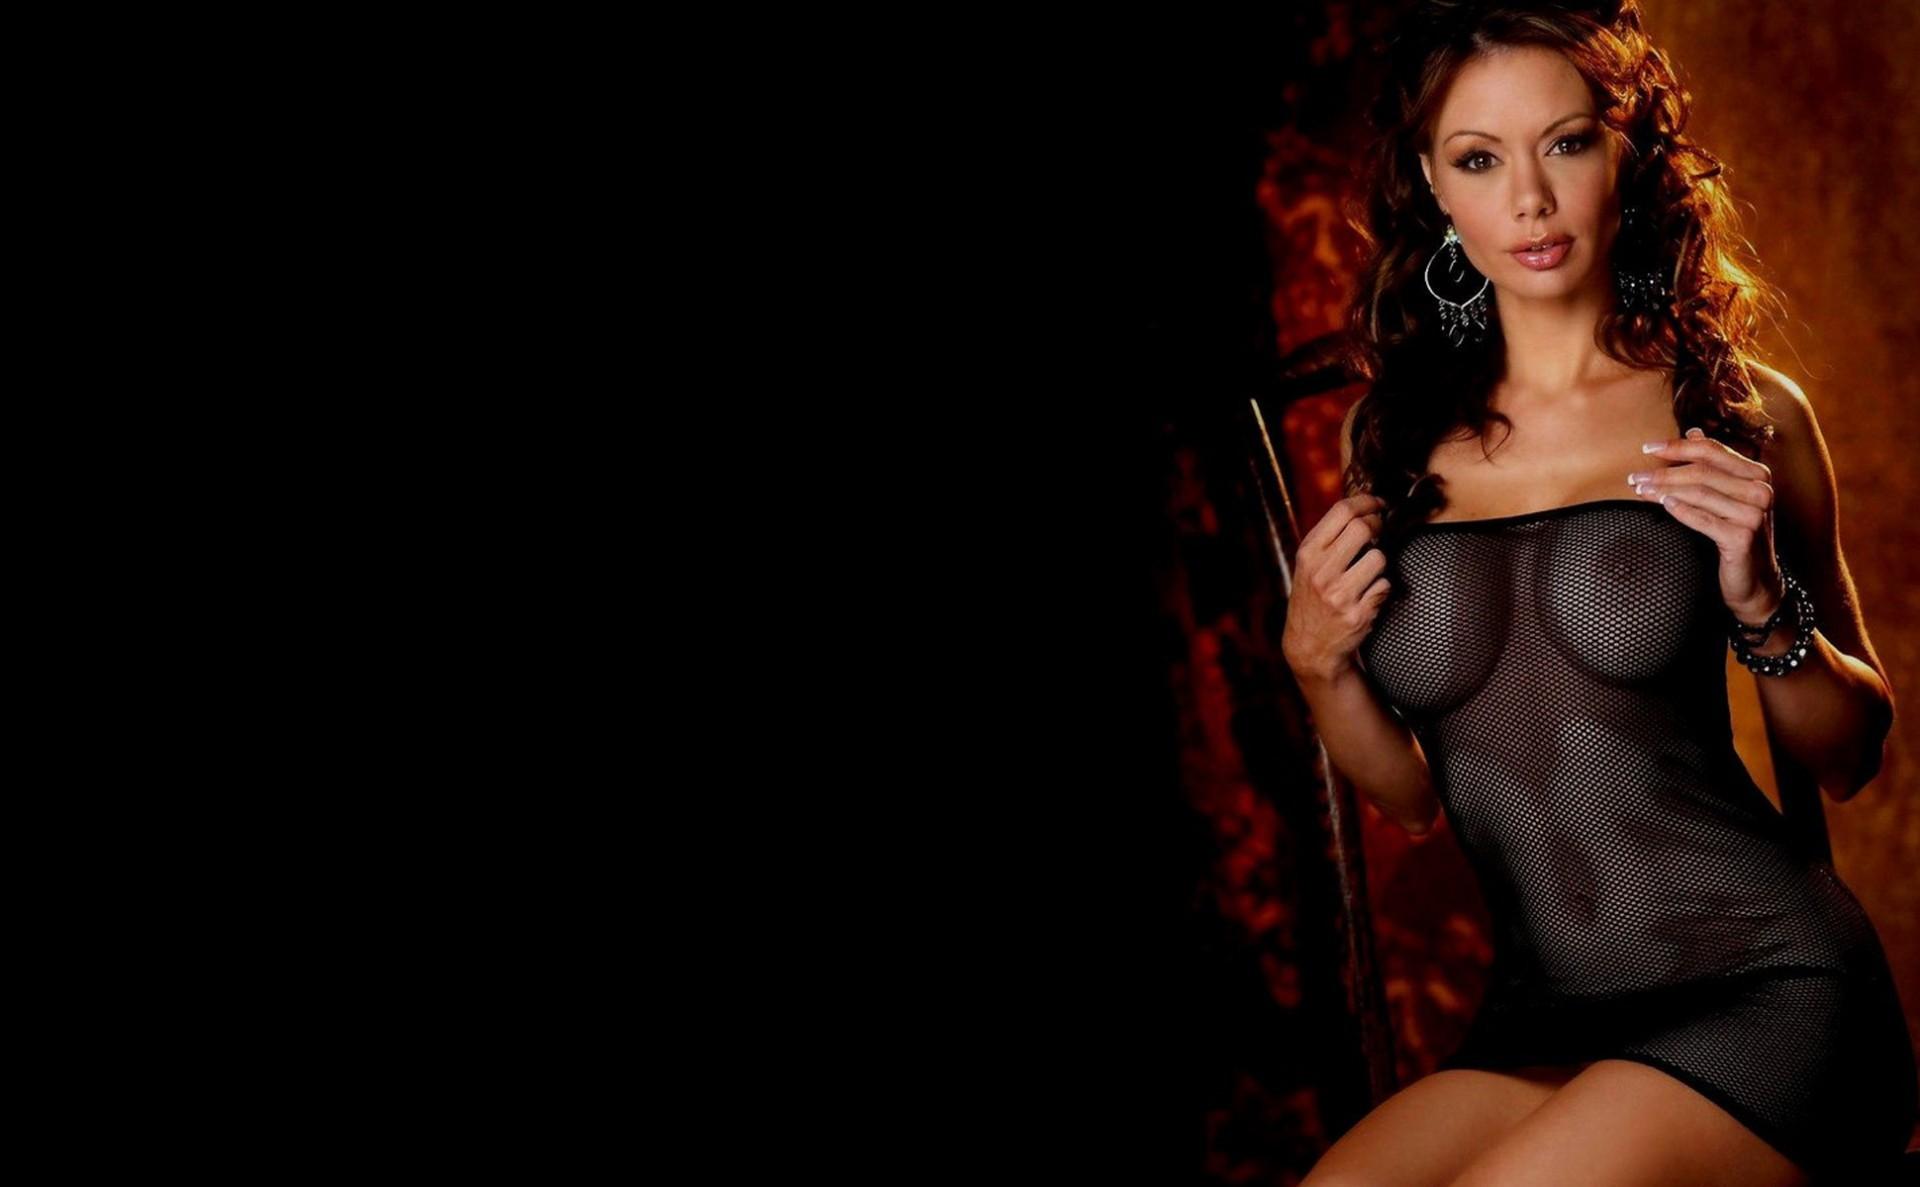 foto-erotika-dlya-androida